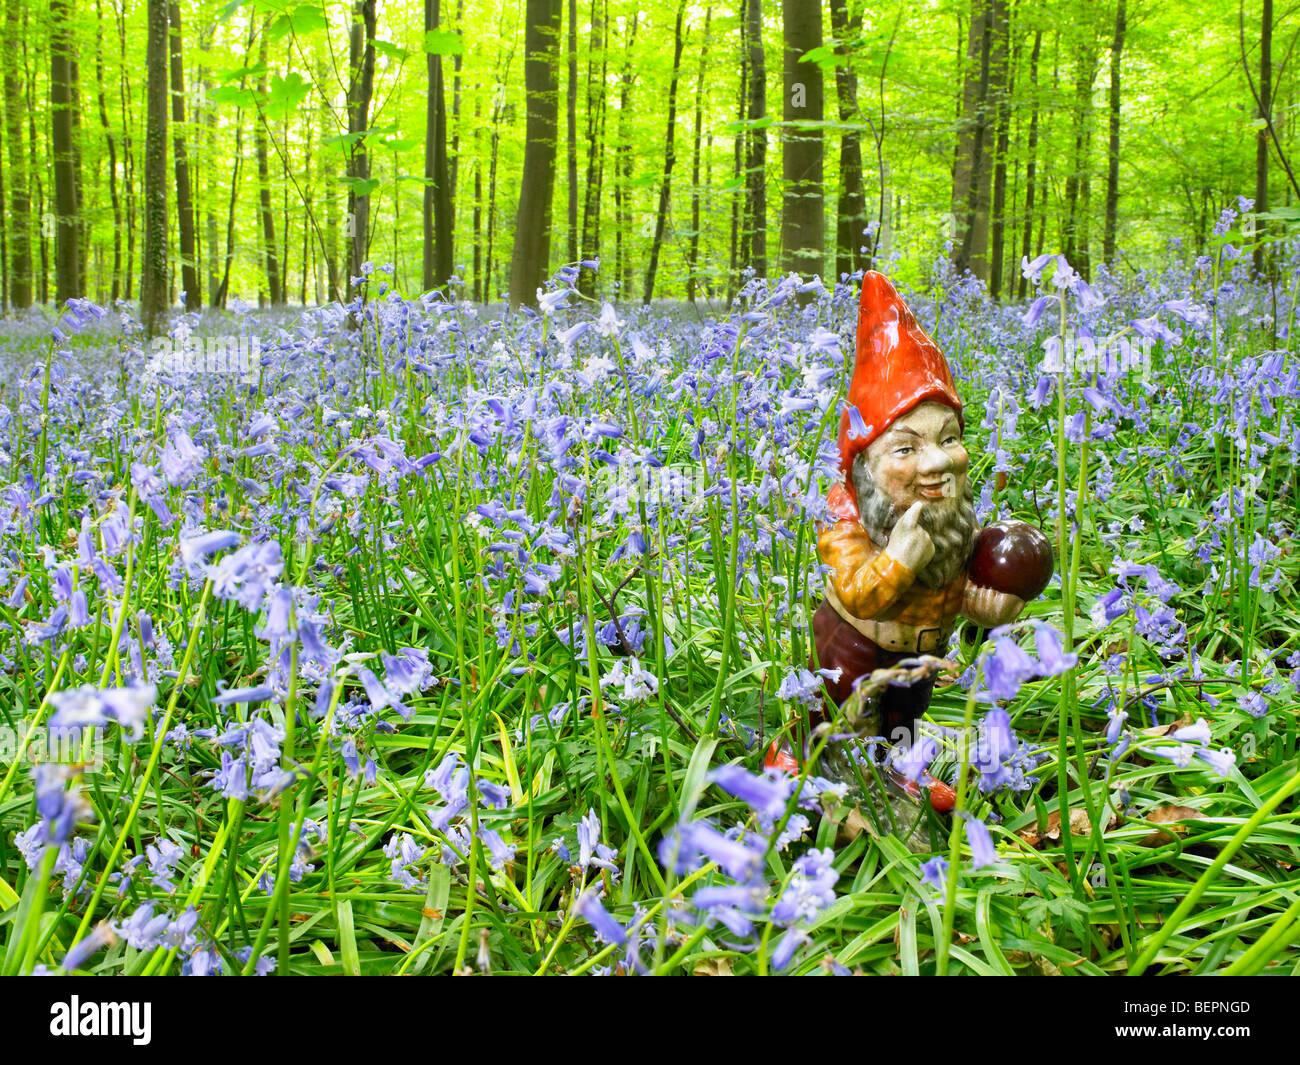 Nain de jardin dans les bois Photo Stock